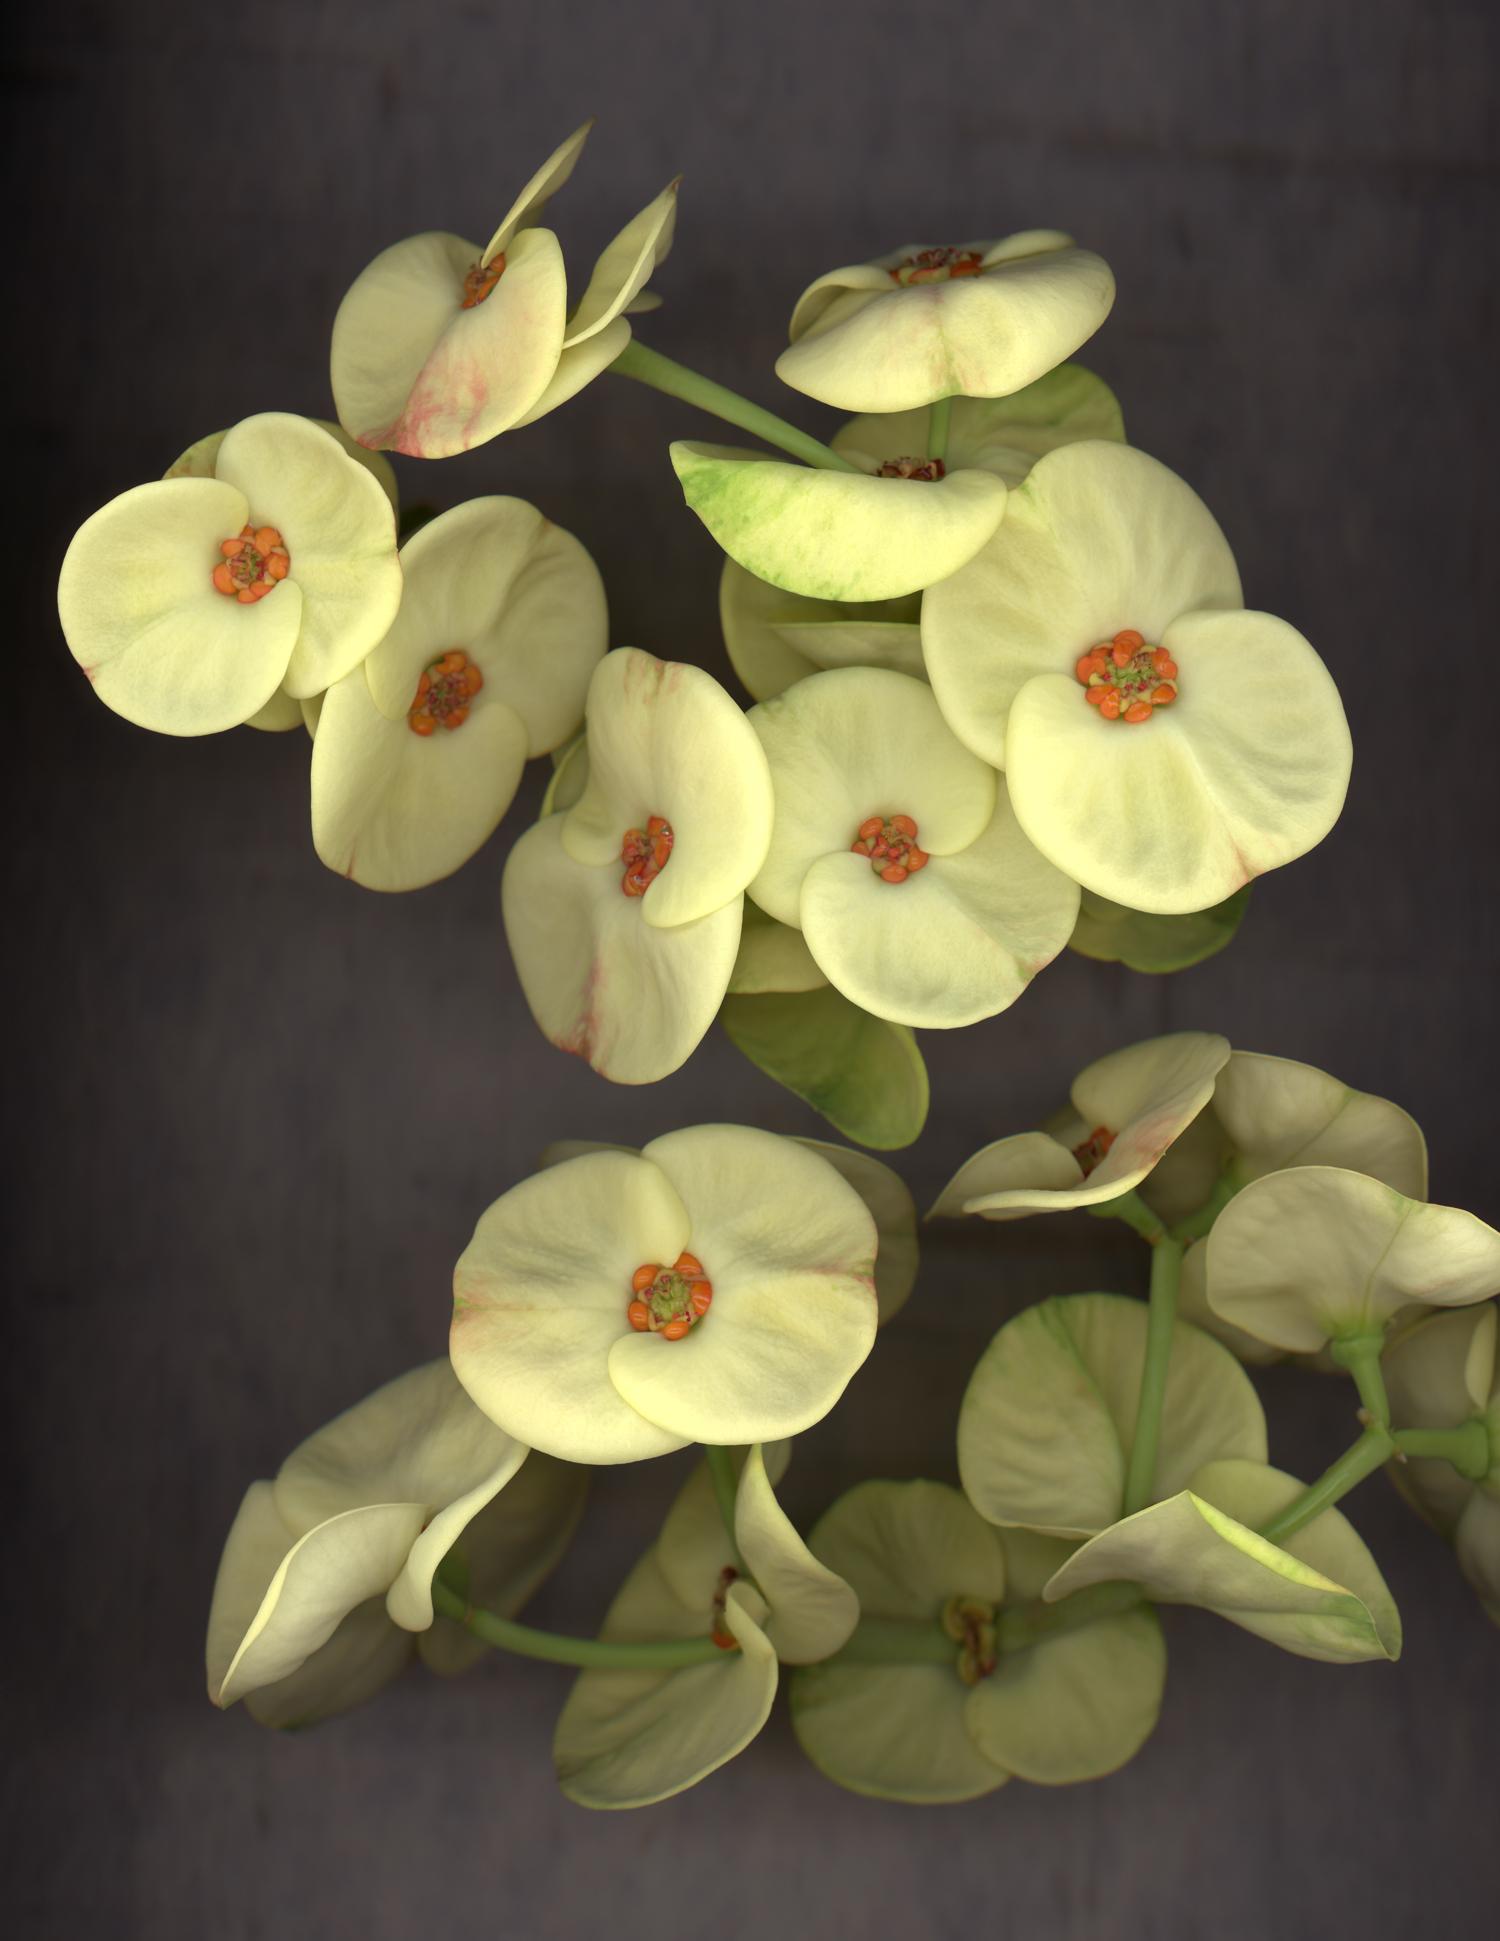 maria elena's flower for website.jpg